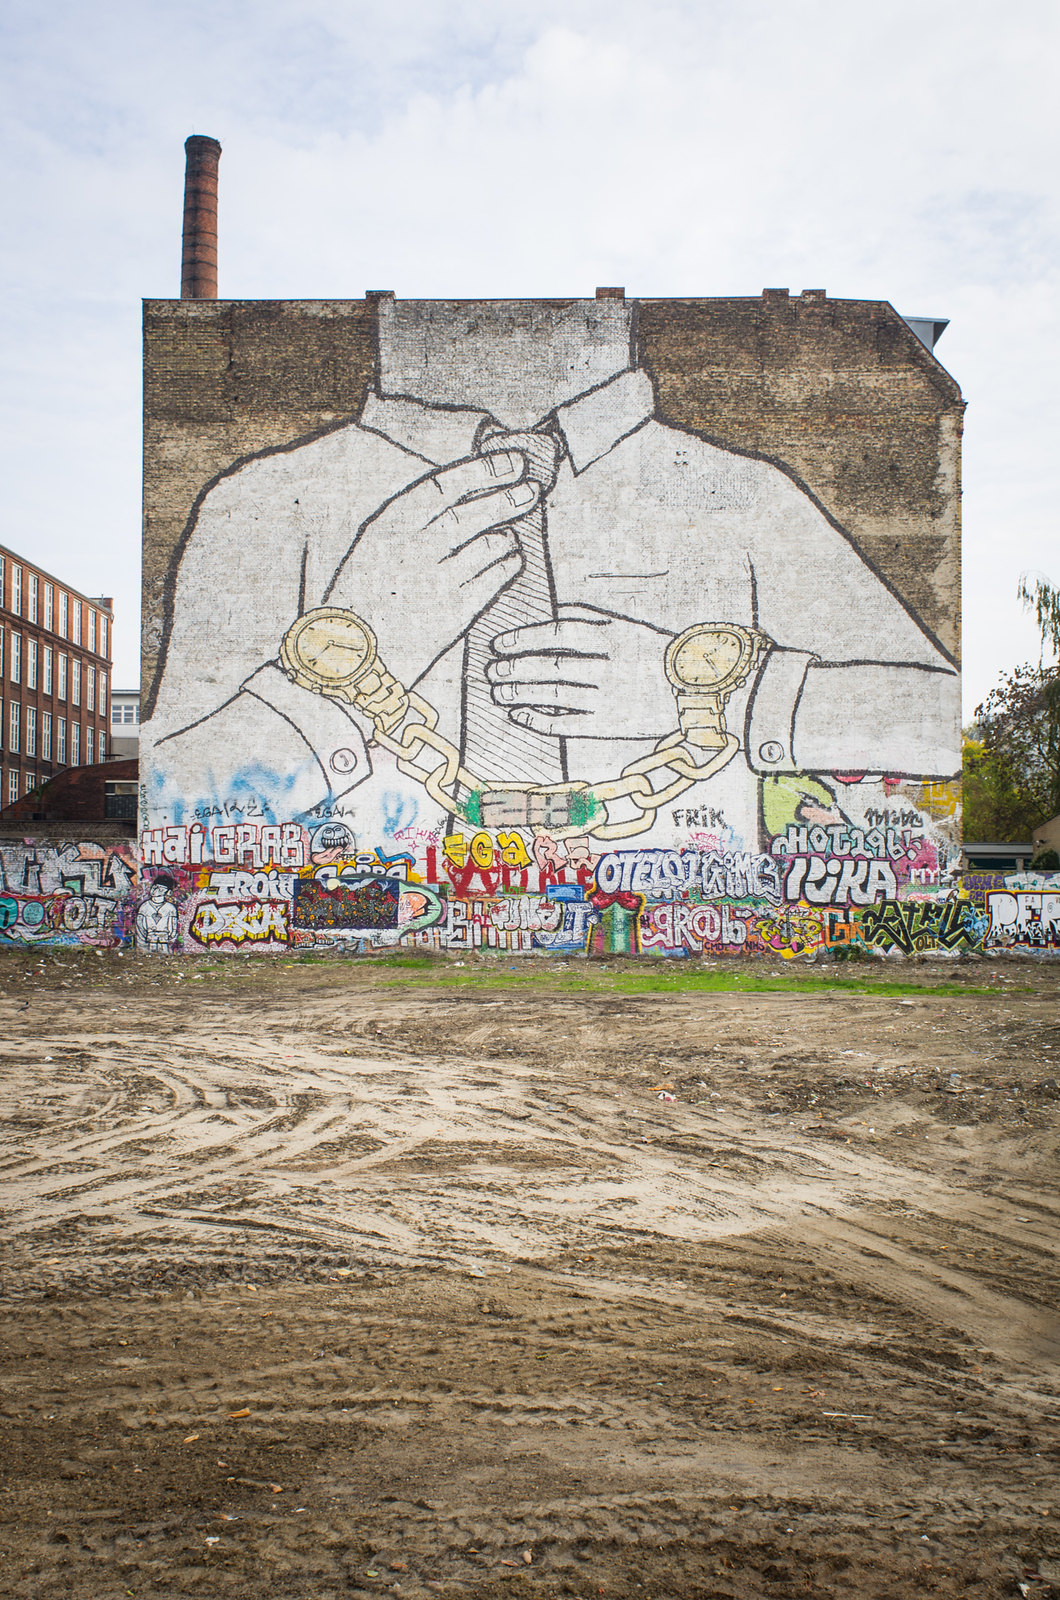 Berlin pauvre et sexy - LE street art de Blu (avant qu'il ne disparaisse)